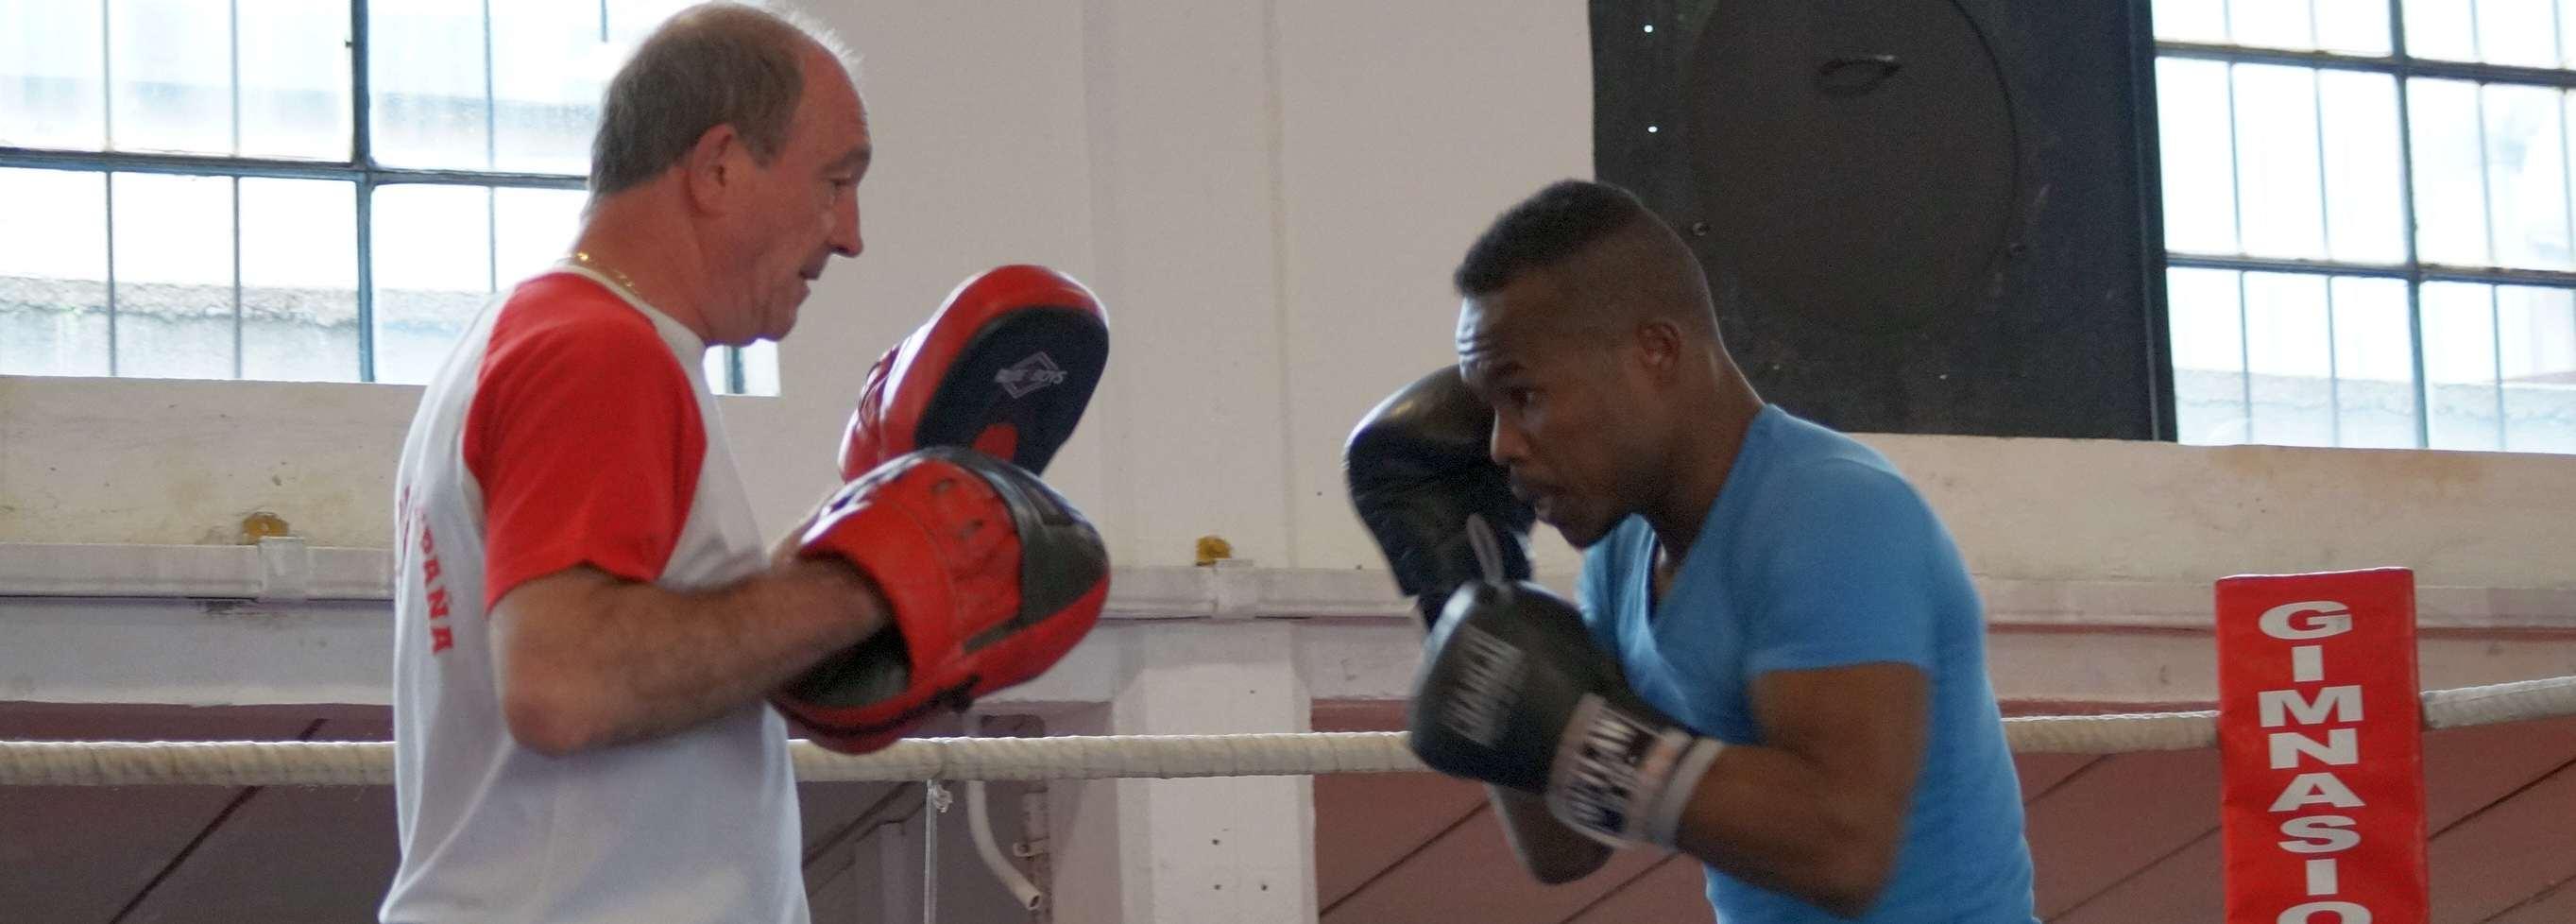 El preparador de boxeo José Luis Celaya pone las manoplas al boxeador Nacho Mendoza en el Gimnasio Gasteiz Sport de Vitoria